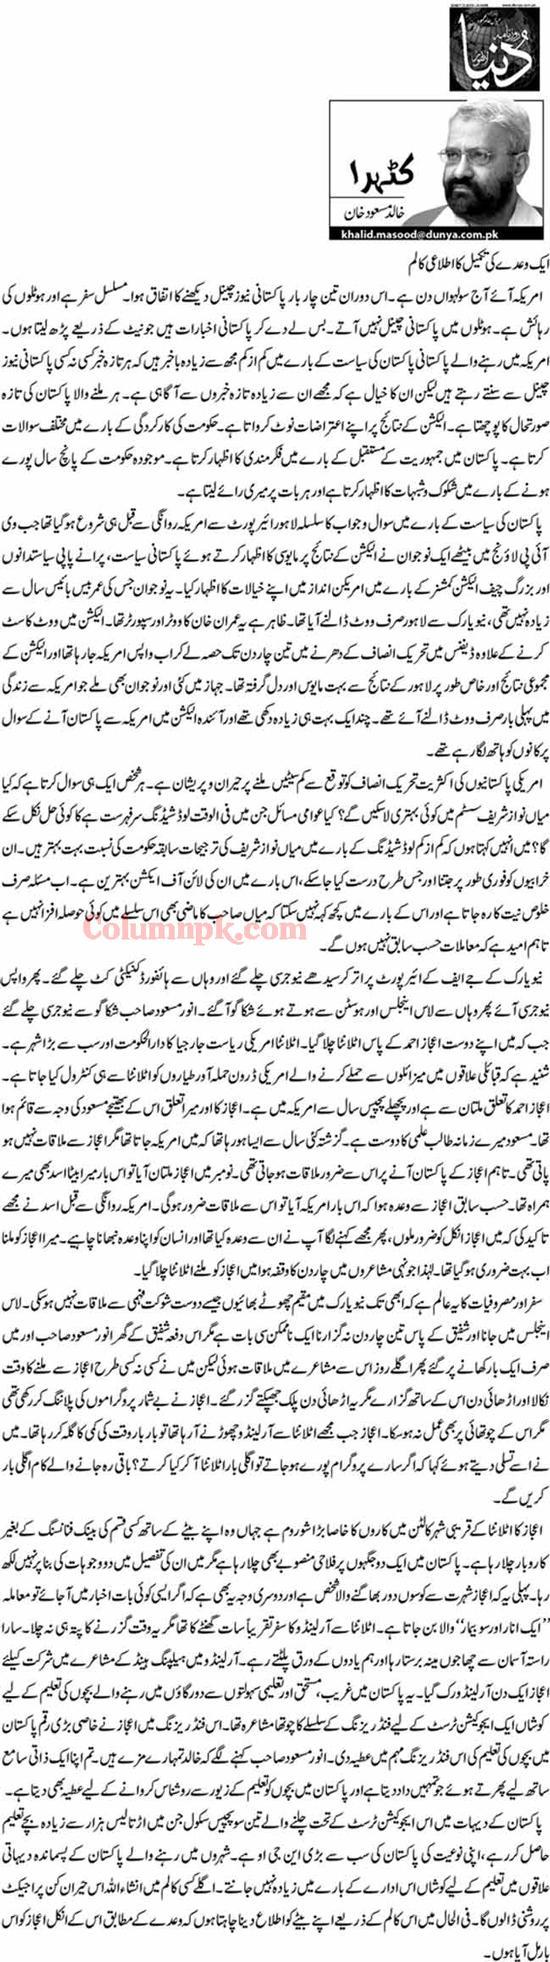 Cv Resume Meaning In Urdu